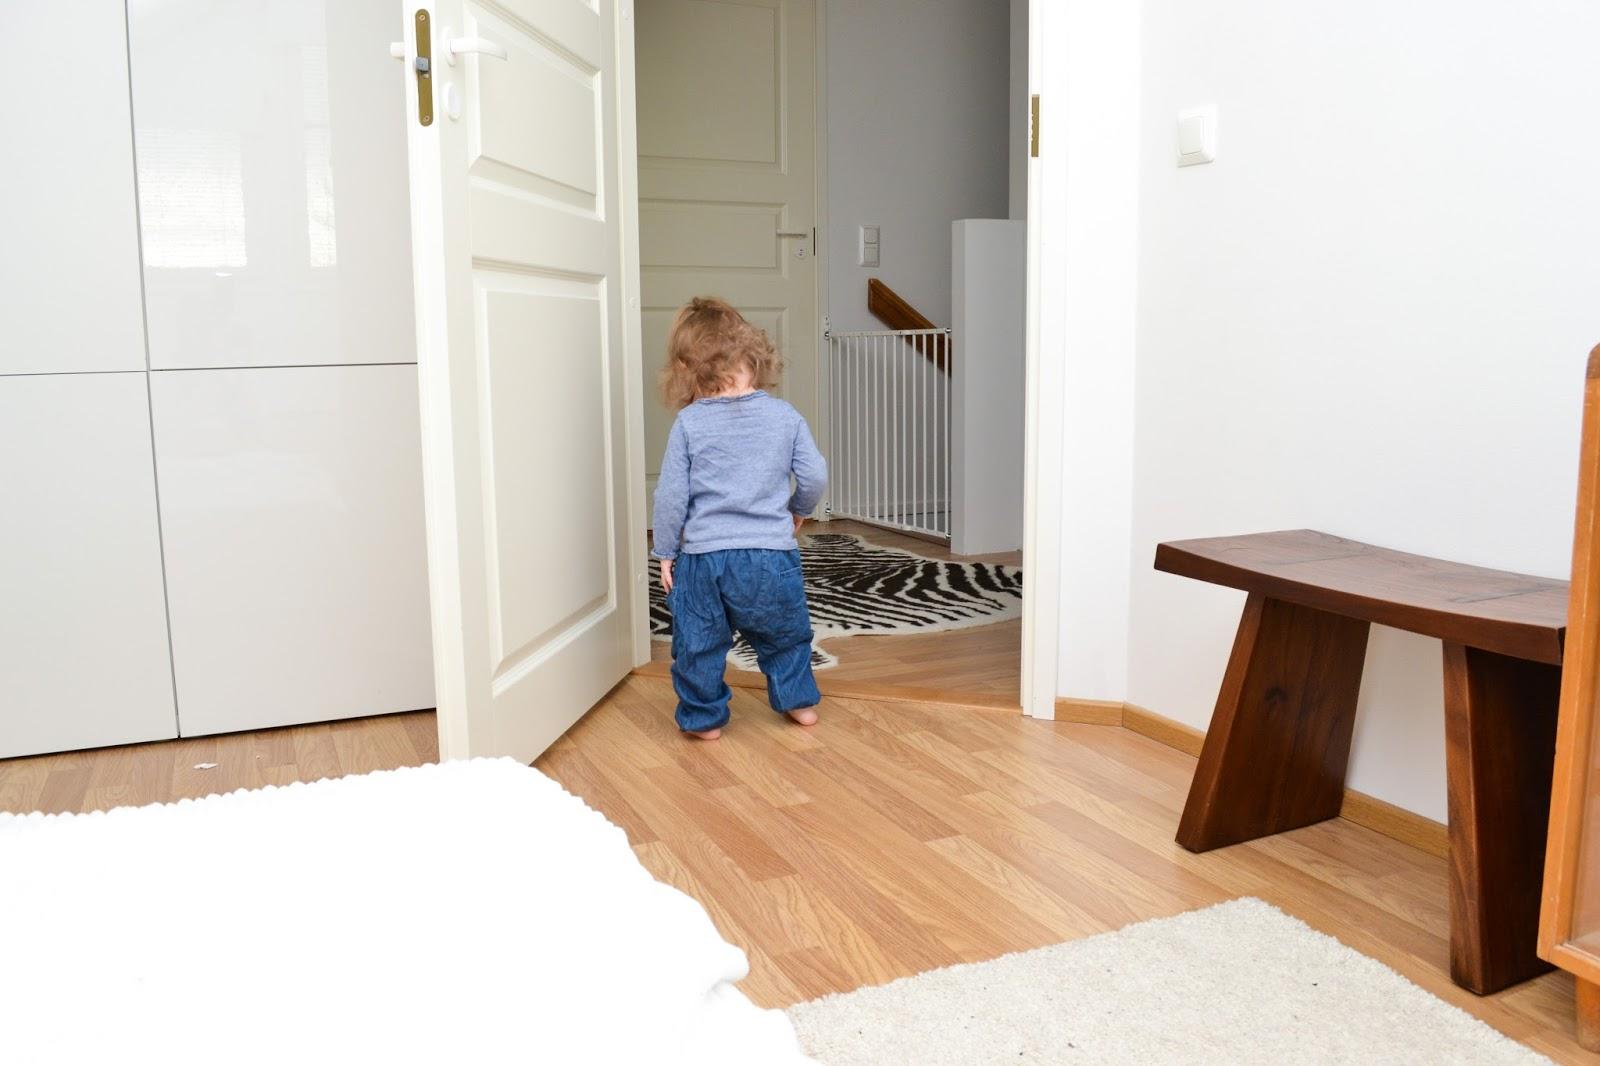 Saippuakuplia olohuoneessa -blogi, kuva Hanna Poikkilehto, taapero, puolitoista vuotias, lapsen kehitys, lapsi, perhe, makuuhuone, ikea, tyttö